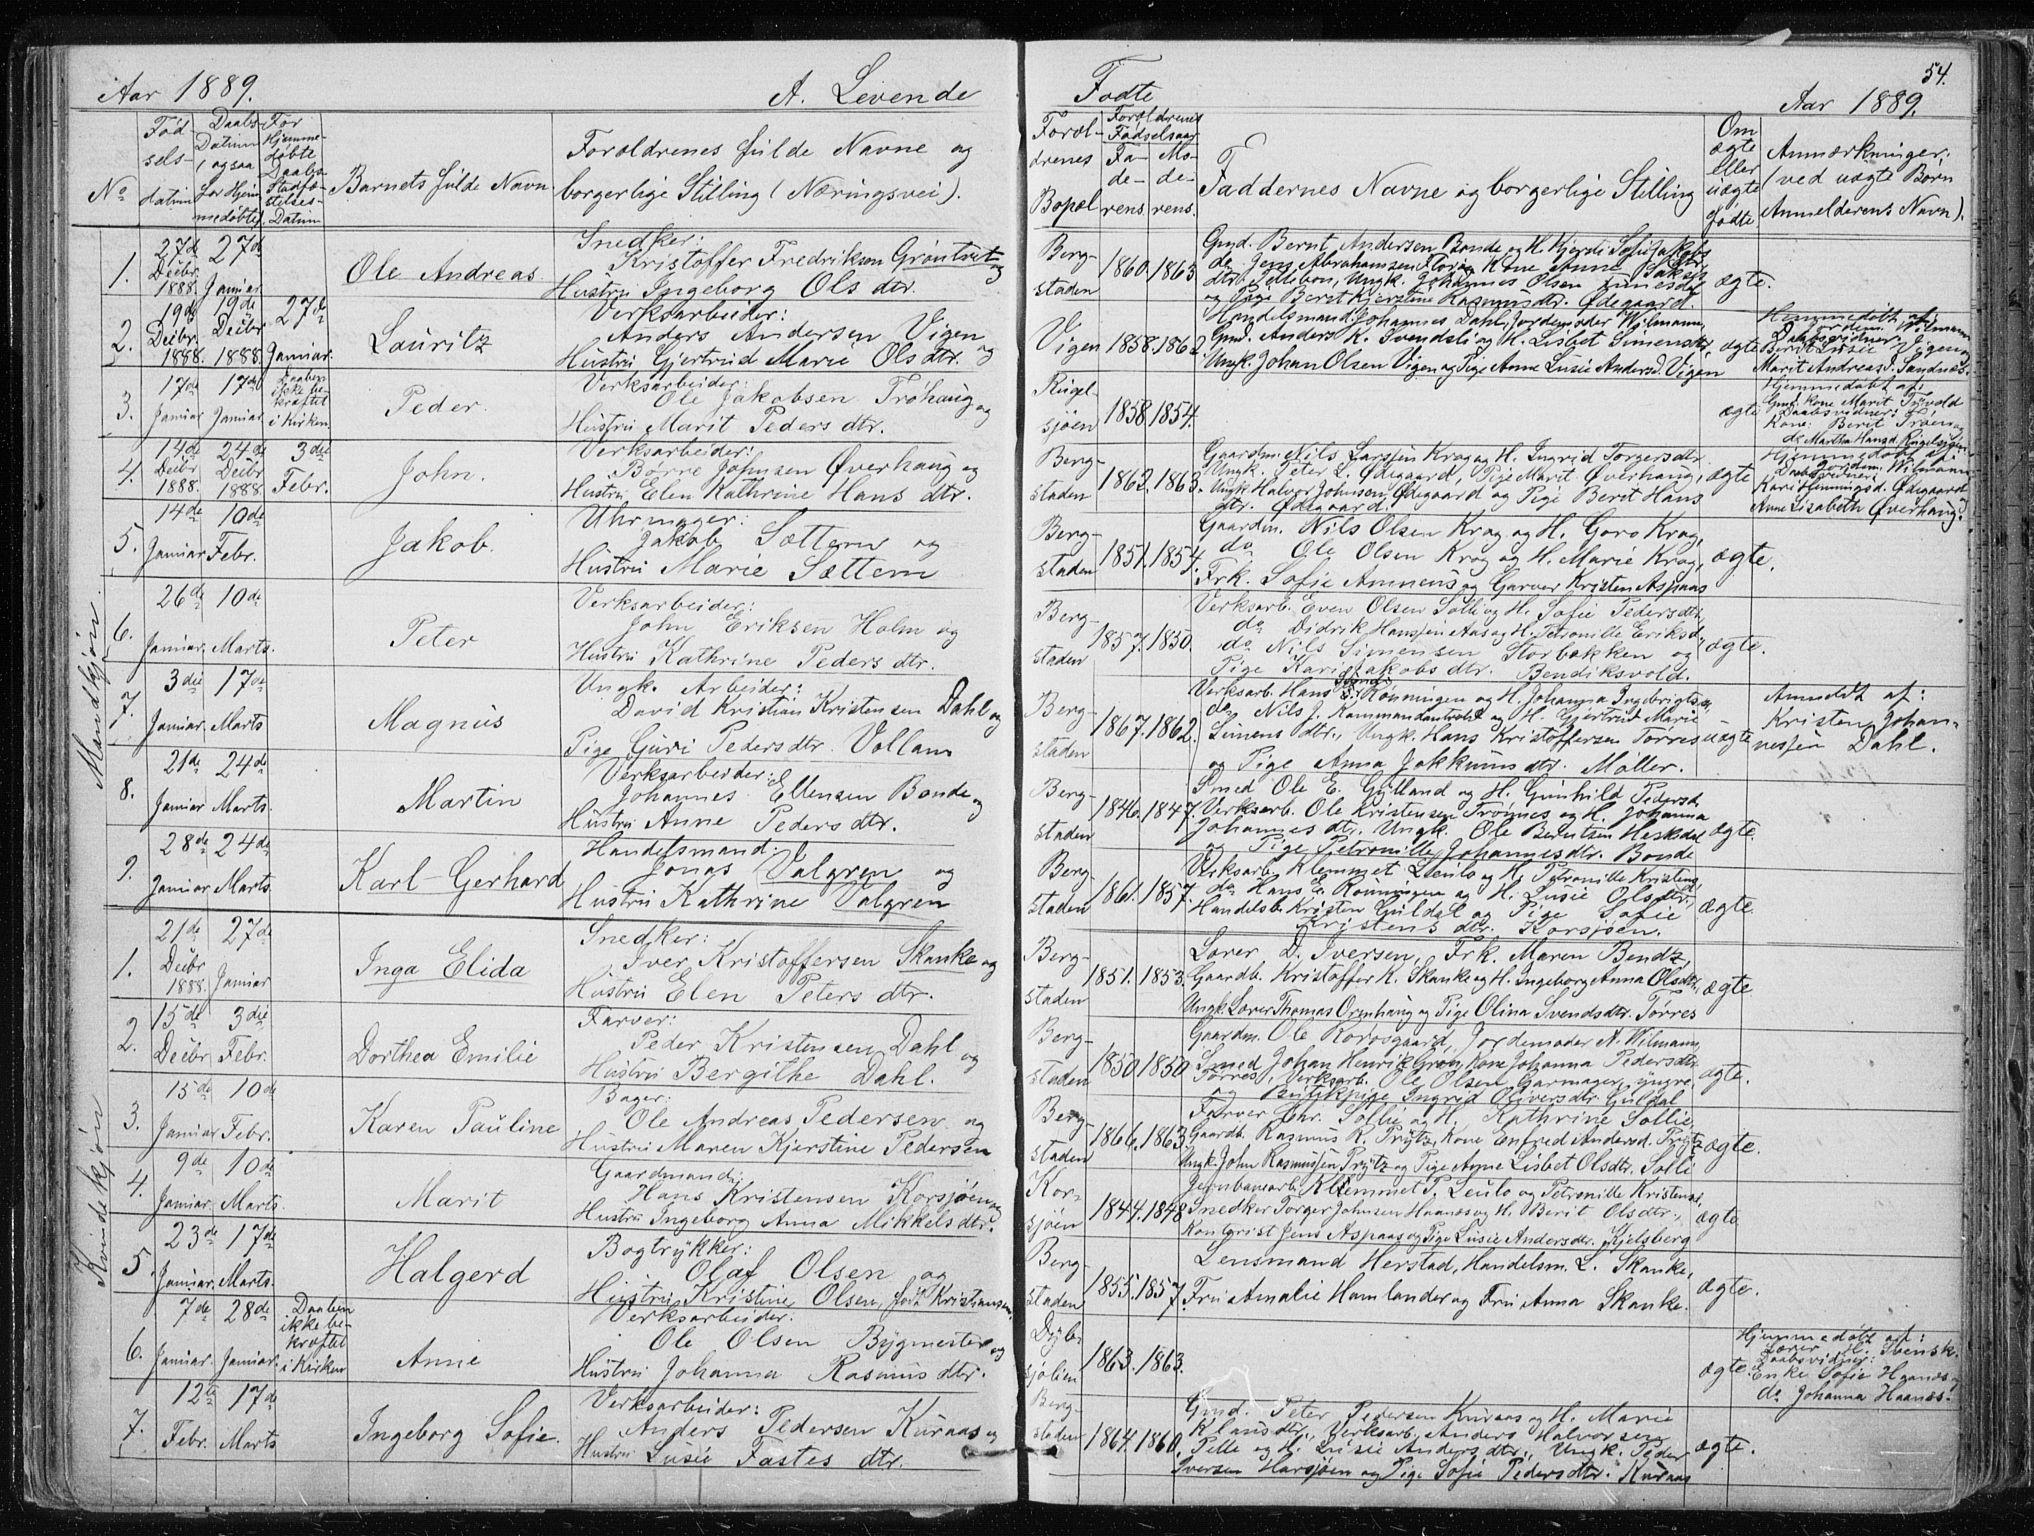 SAT, Ministerialprotokoller, klokkerbøker og fødselsregistre - Sør-Trøndelag, 681/L0940: Klokkerbok nr. 681C04, 1880-1895, s. 54